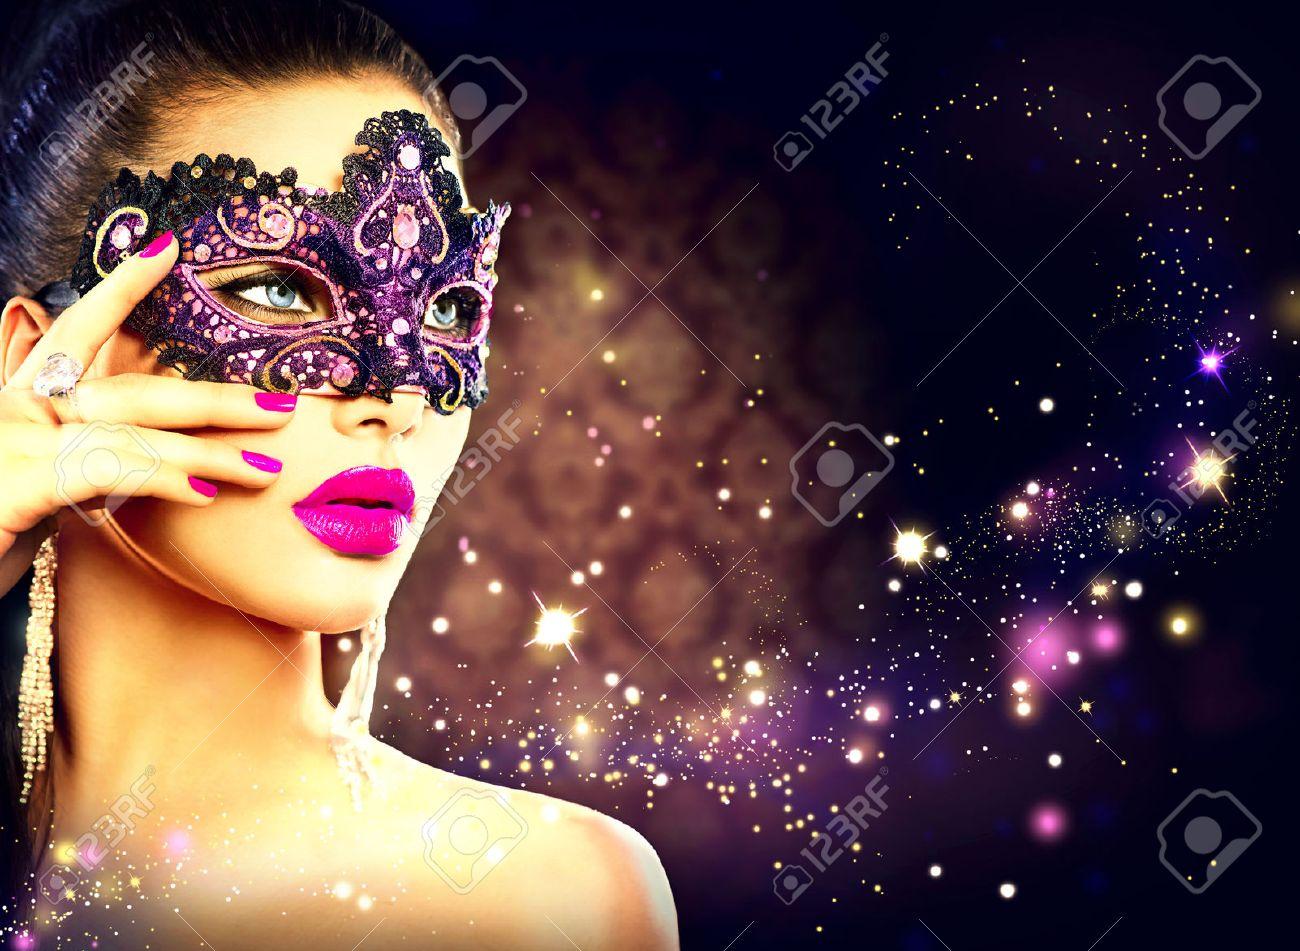 Сексуальные девушки в карнавальных масках 3 фотография